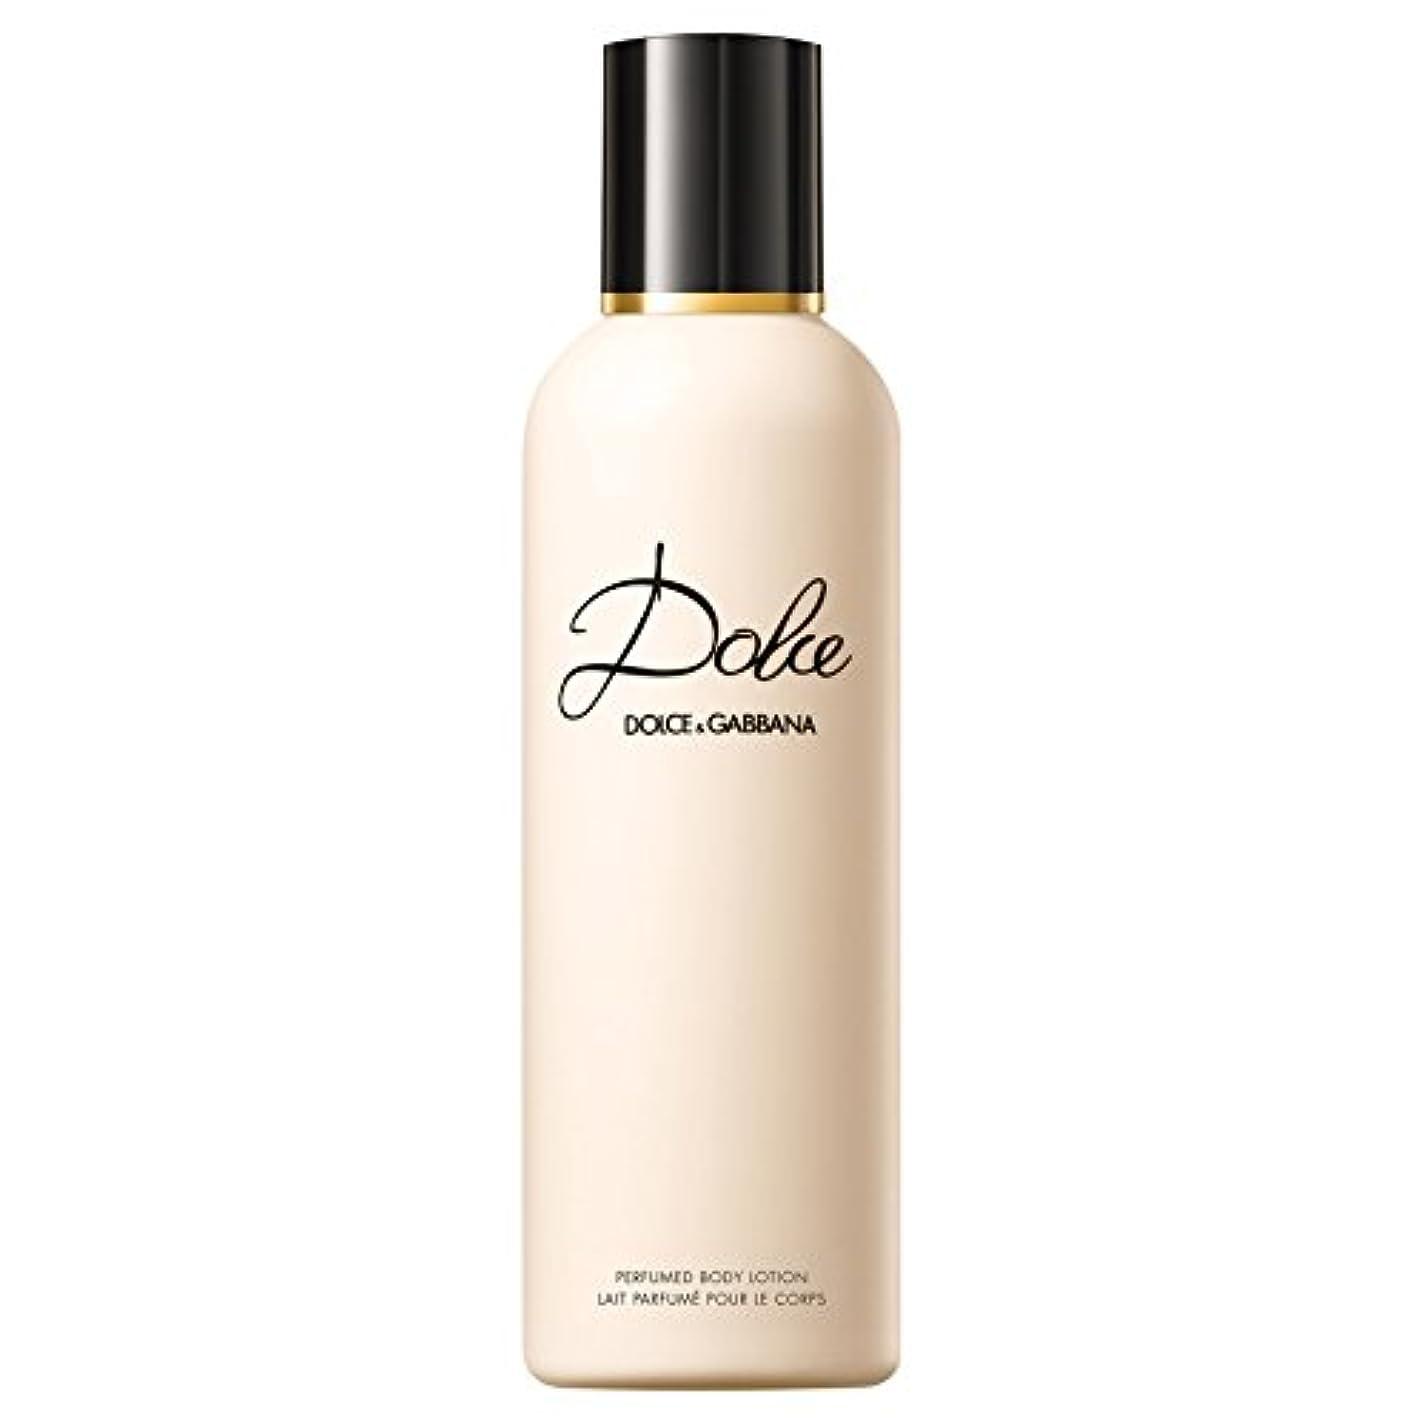 リレー教育者解釈的ドルチェ&ガッバーナドルチェのボディローション200ミリリットル (Dolce & Gabbana) - Dolce & Gabbana Dolce Body Lotion 200ml [並行輸入品]